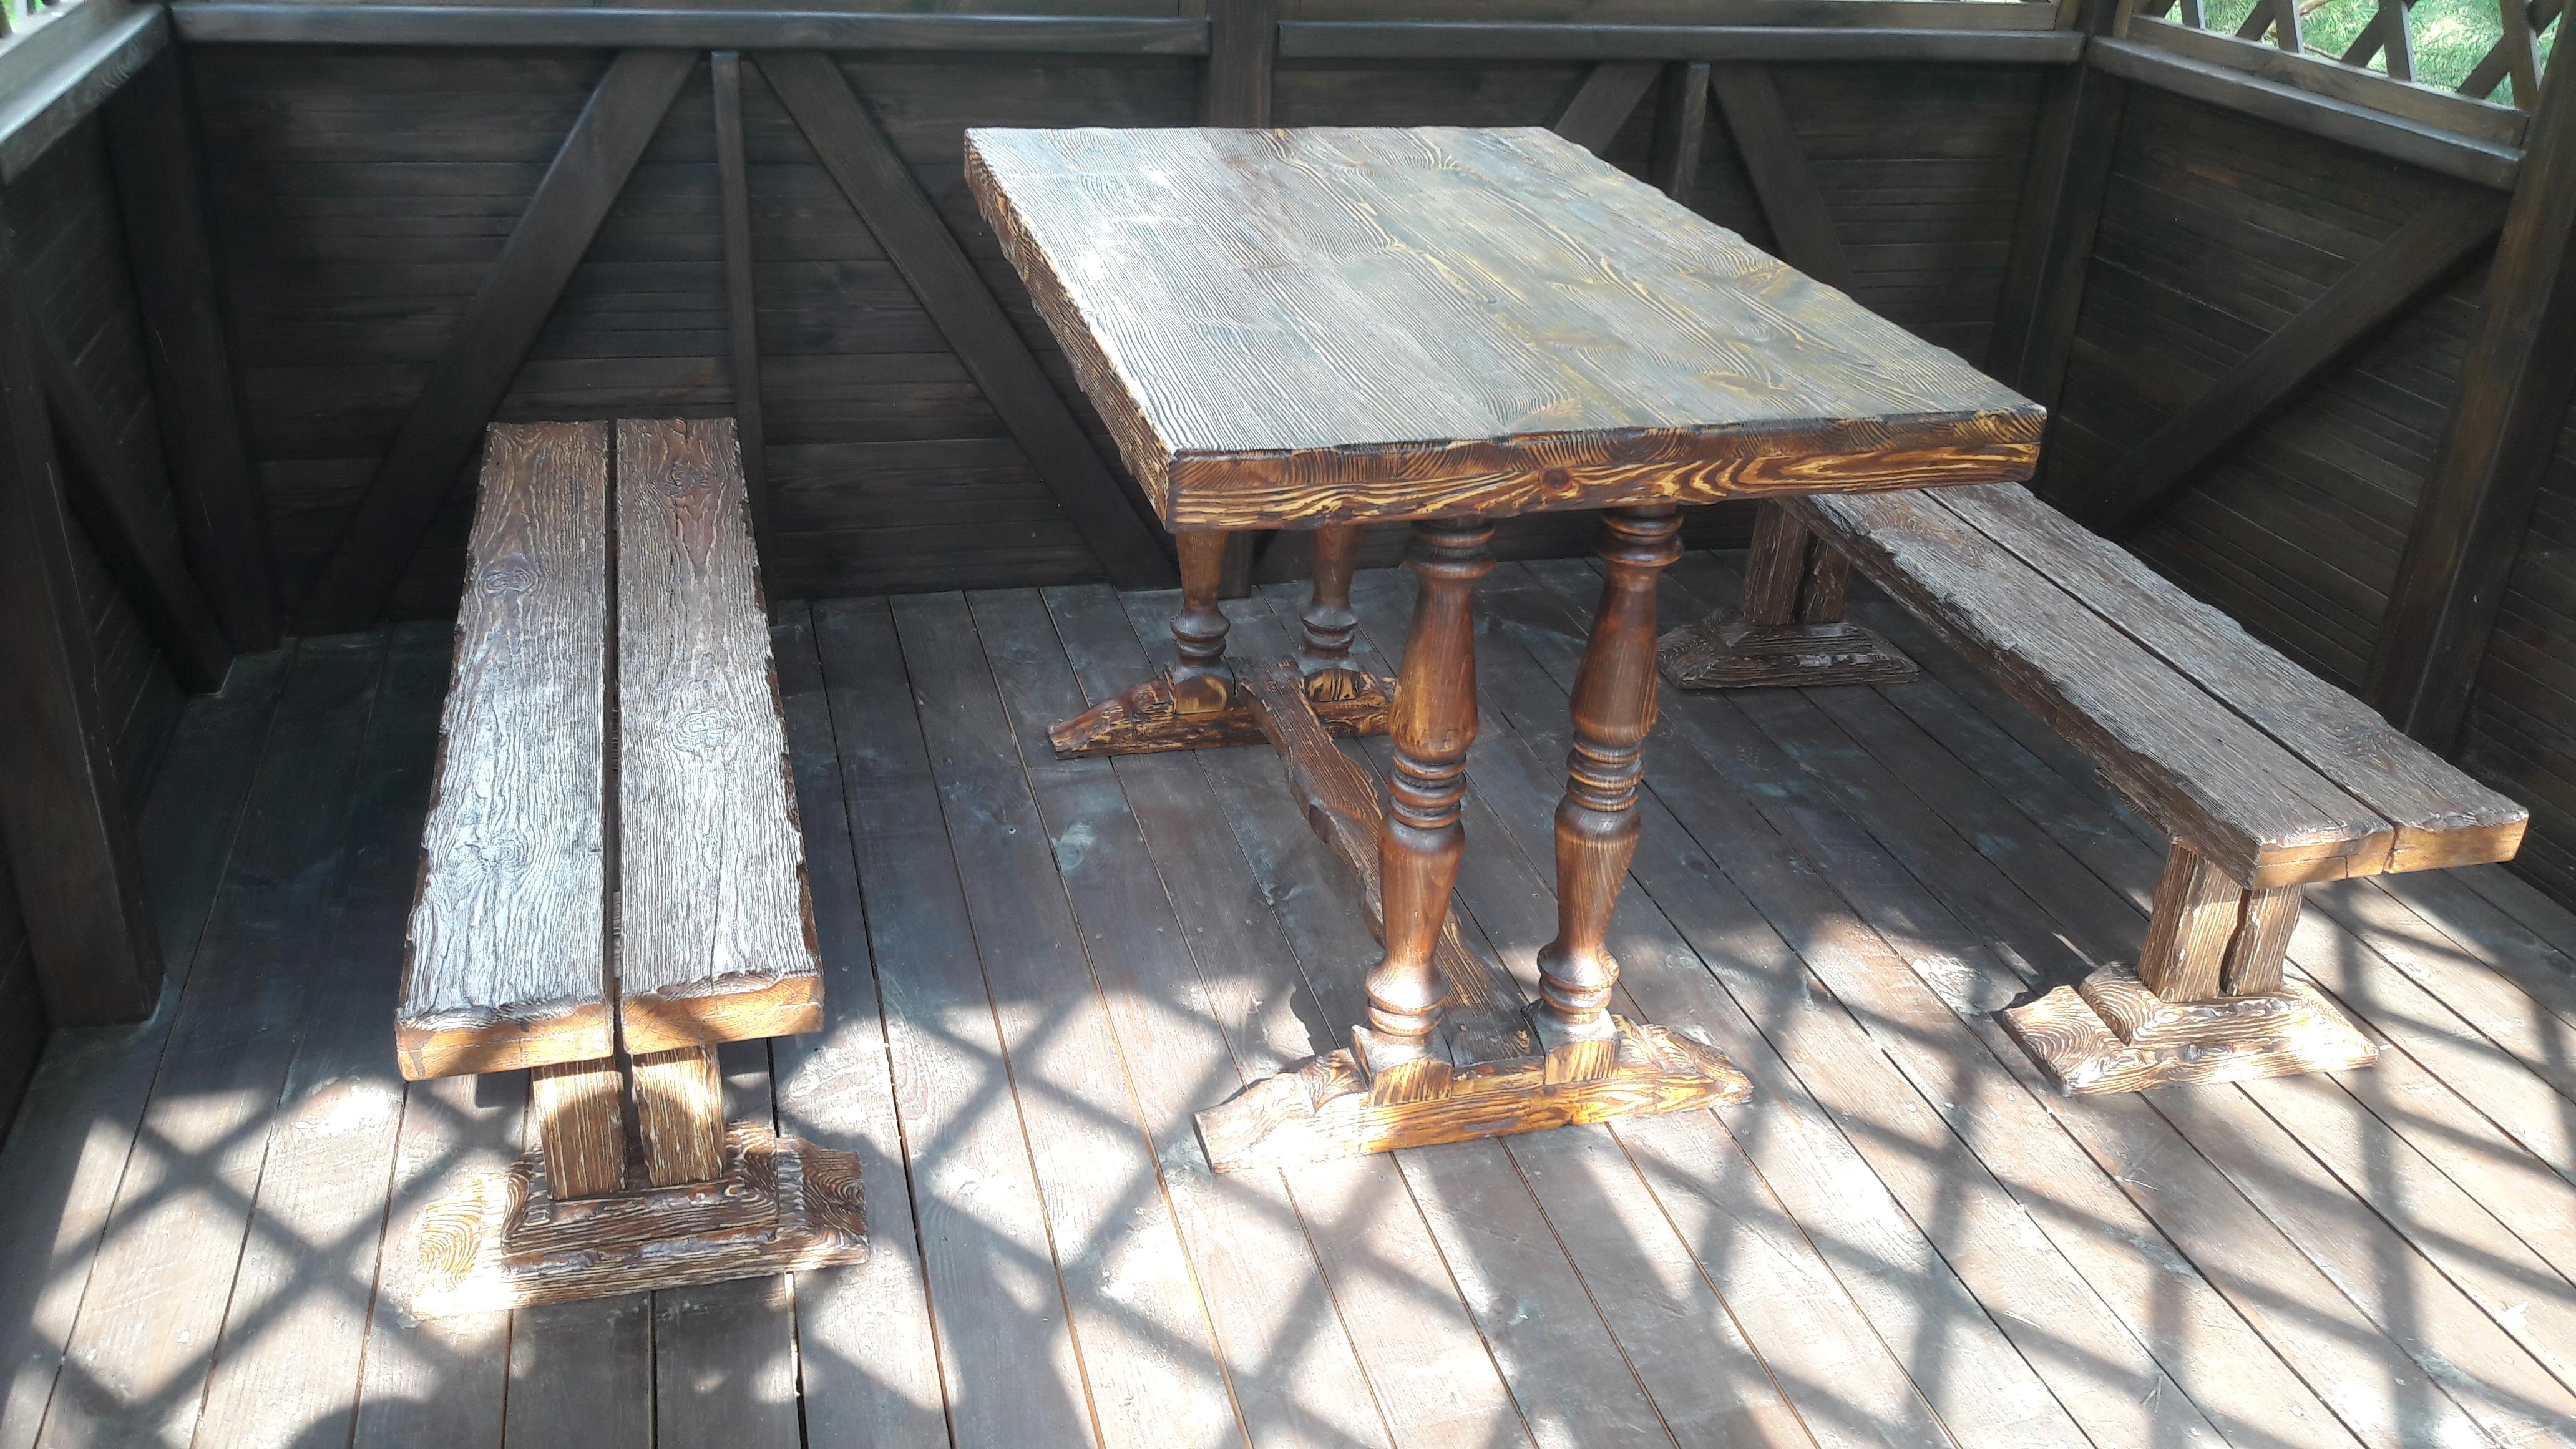 Фото Изготовление садовой мебели для беседок навесов и веранд из натуралной древесины под заказ.